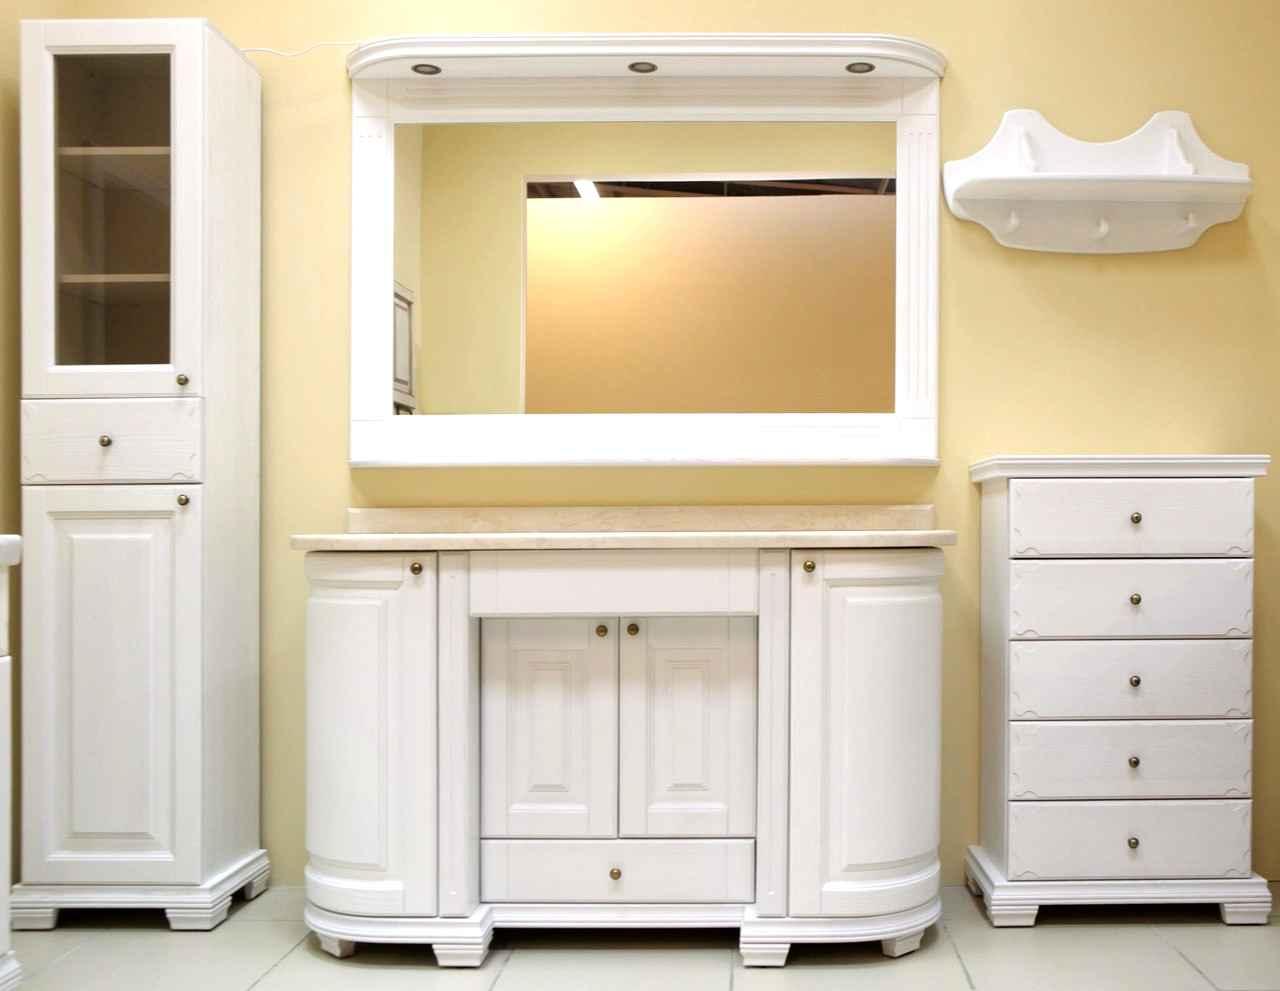 Как правильно расставить мебель в ванной комнате